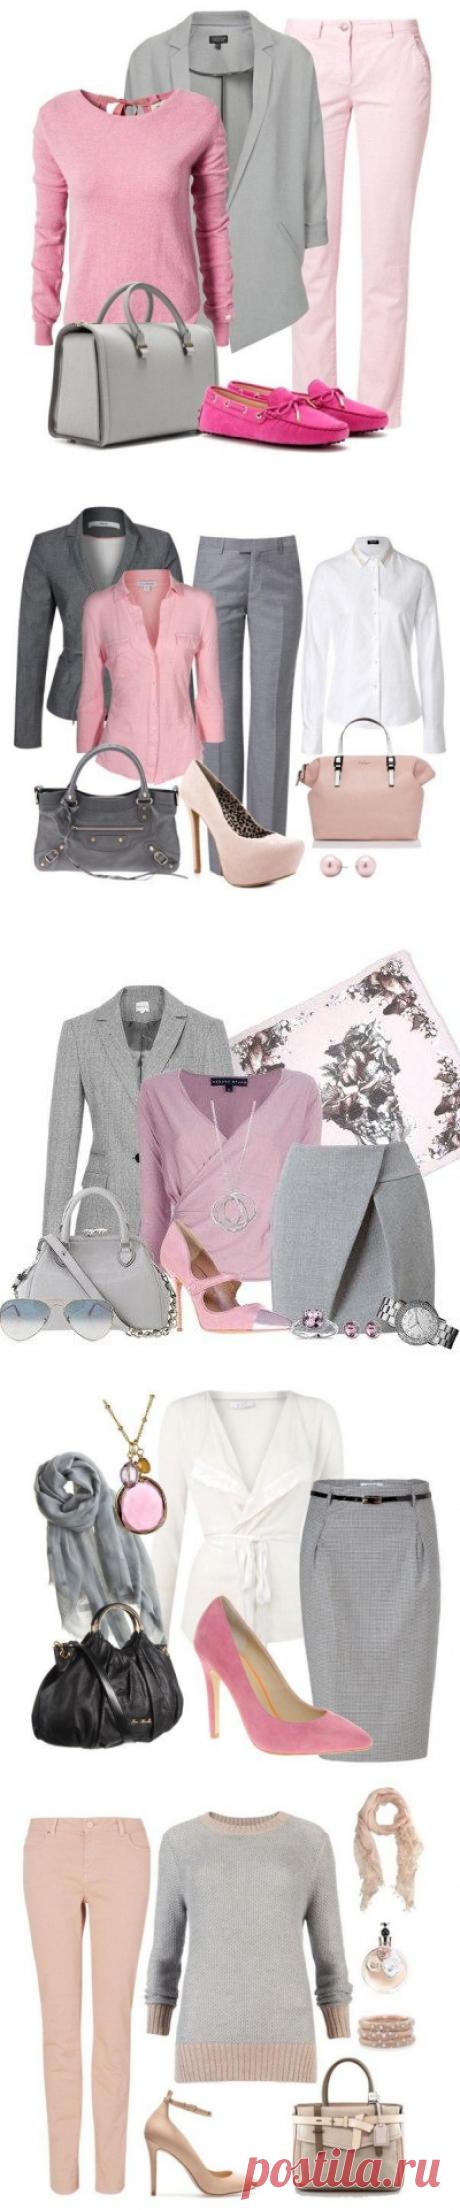 Сочетание серого и розового.